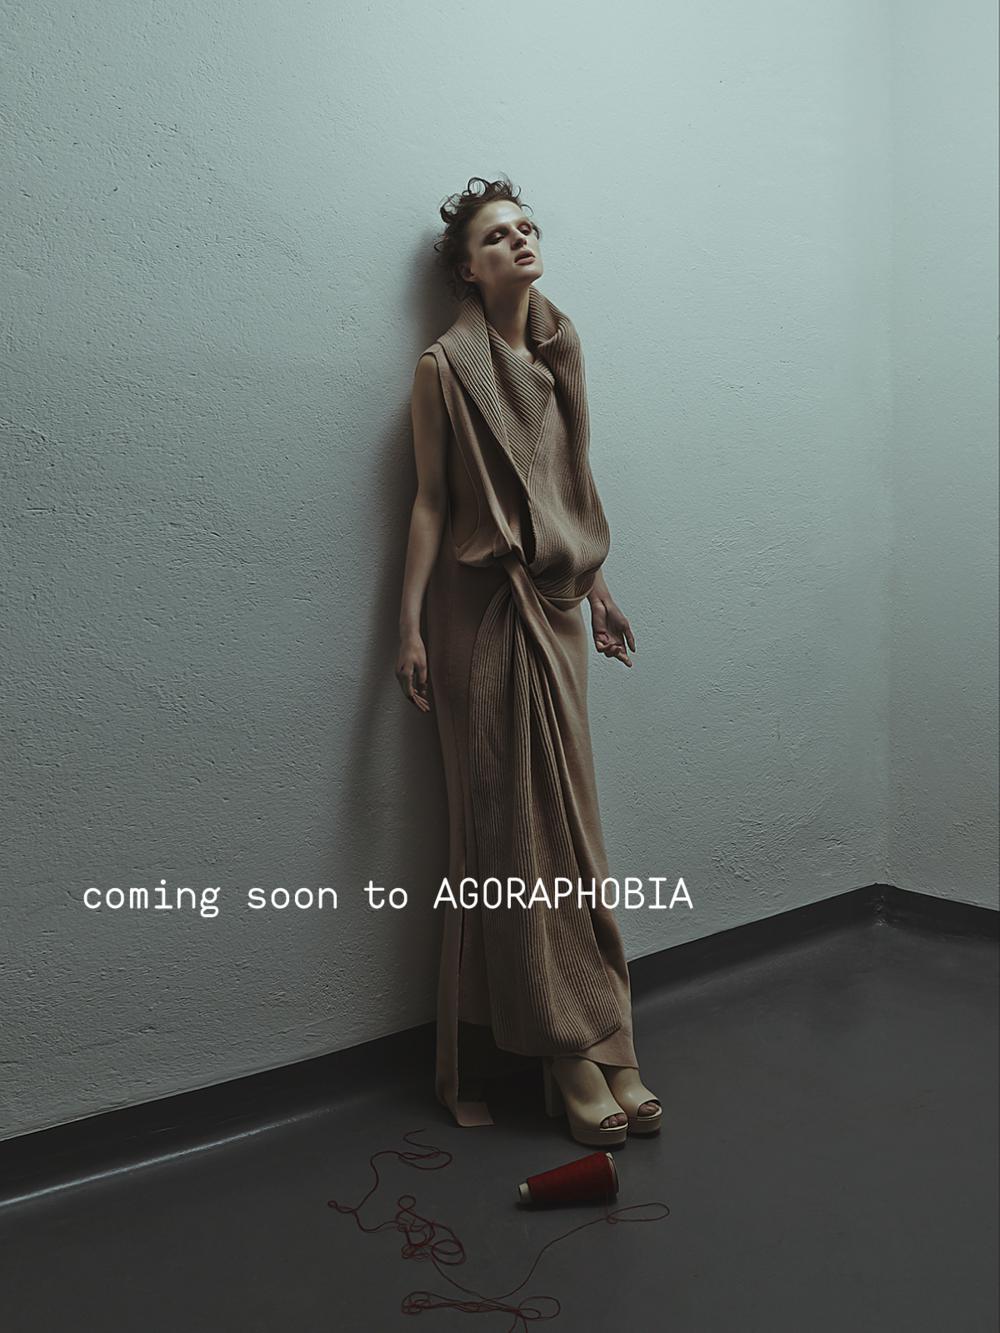 min-hsuan-weng-coming-soon-agoraphobia-collective